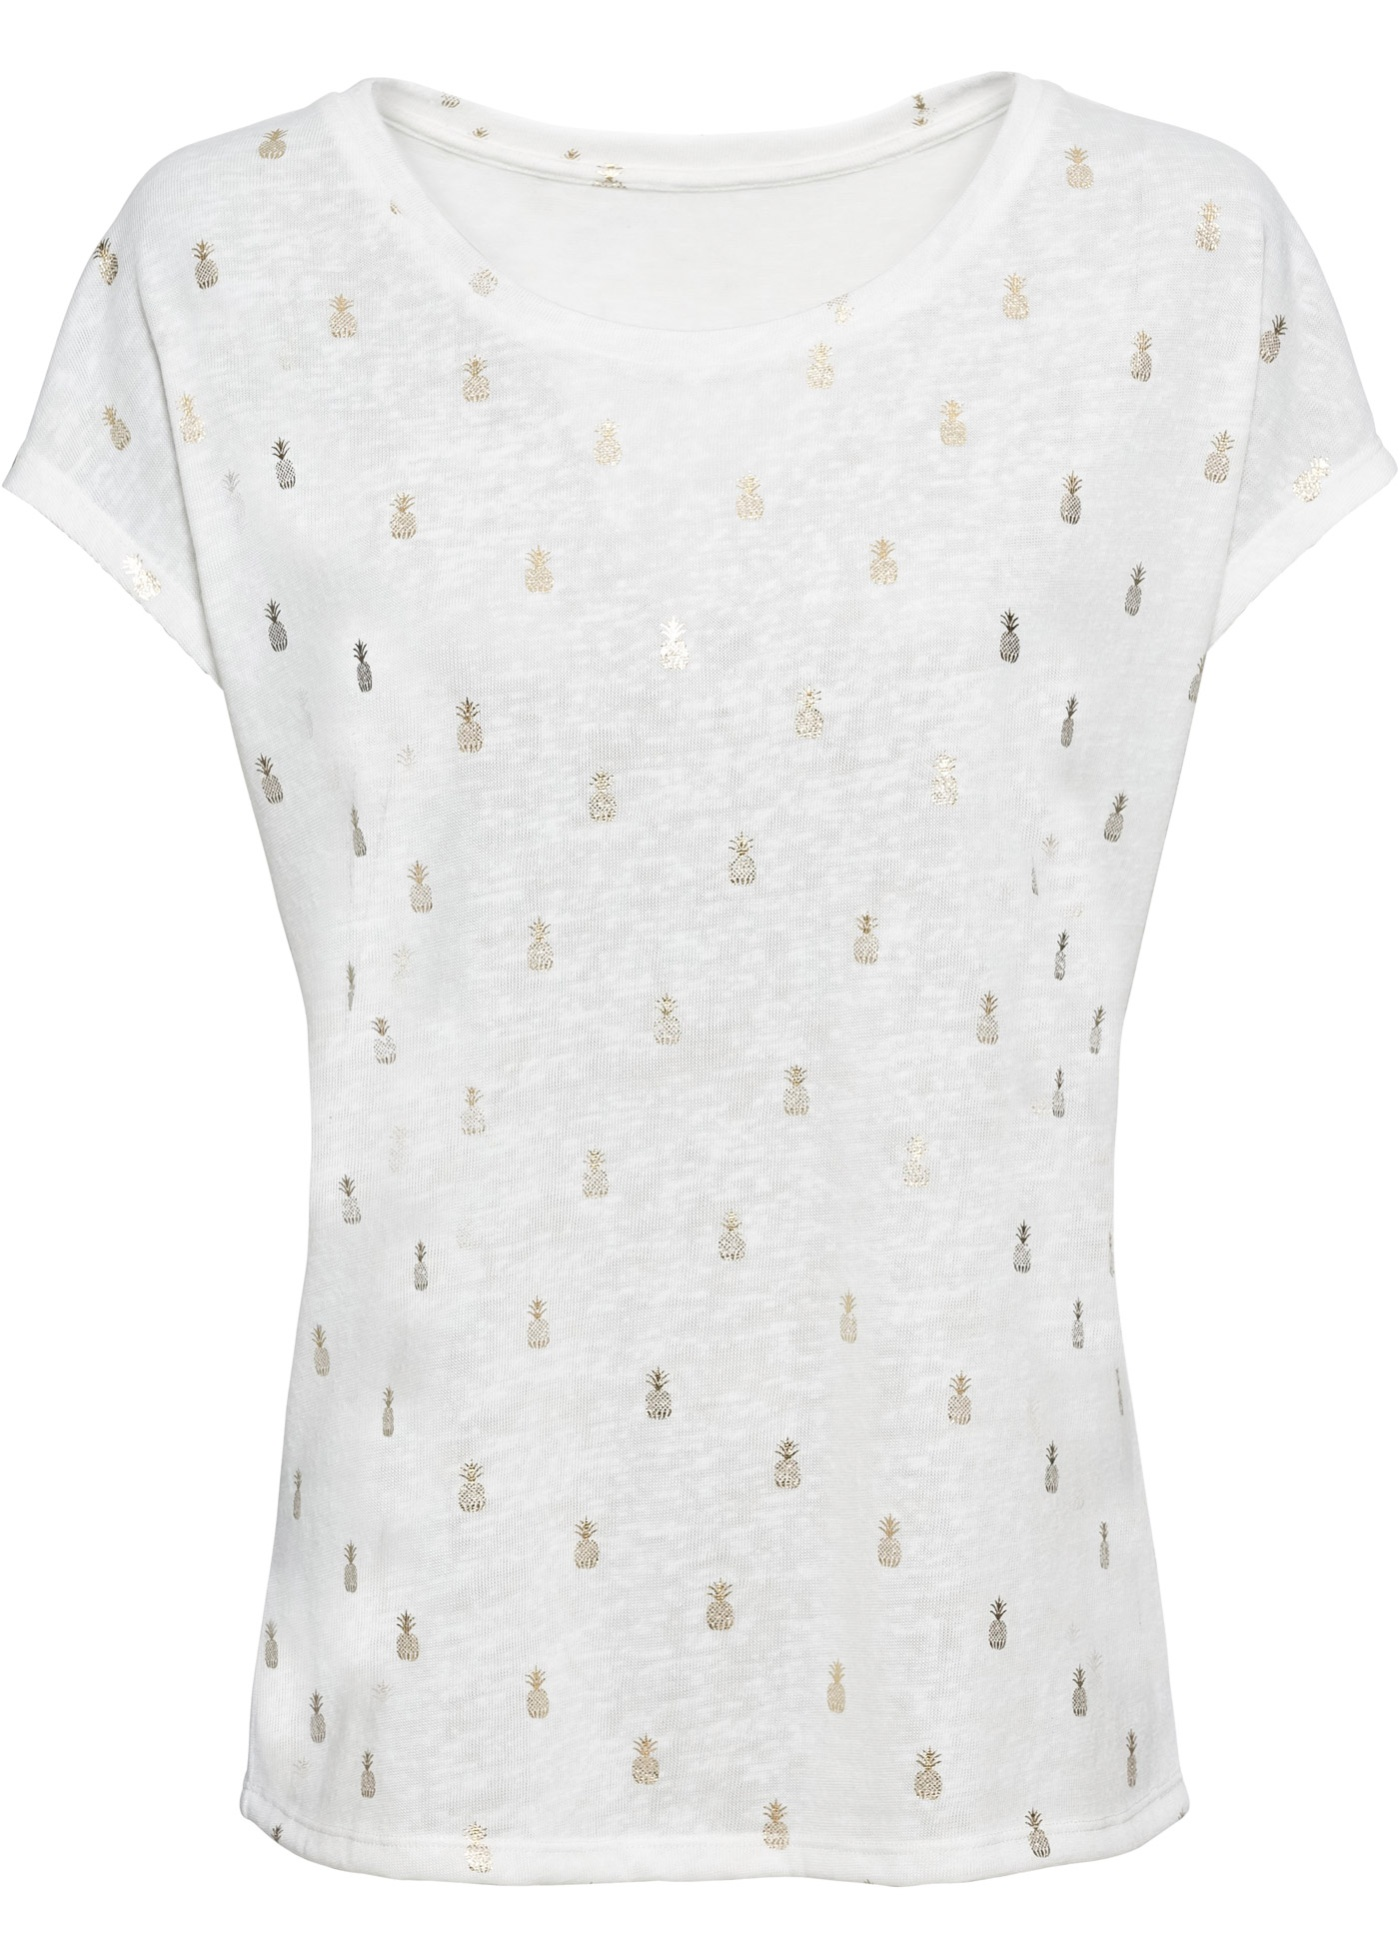 En À Pour Feuille shirt Blanc Imprimé Manches Bodyflirt BonprixT Brillante Courtes Femme f6b7gy